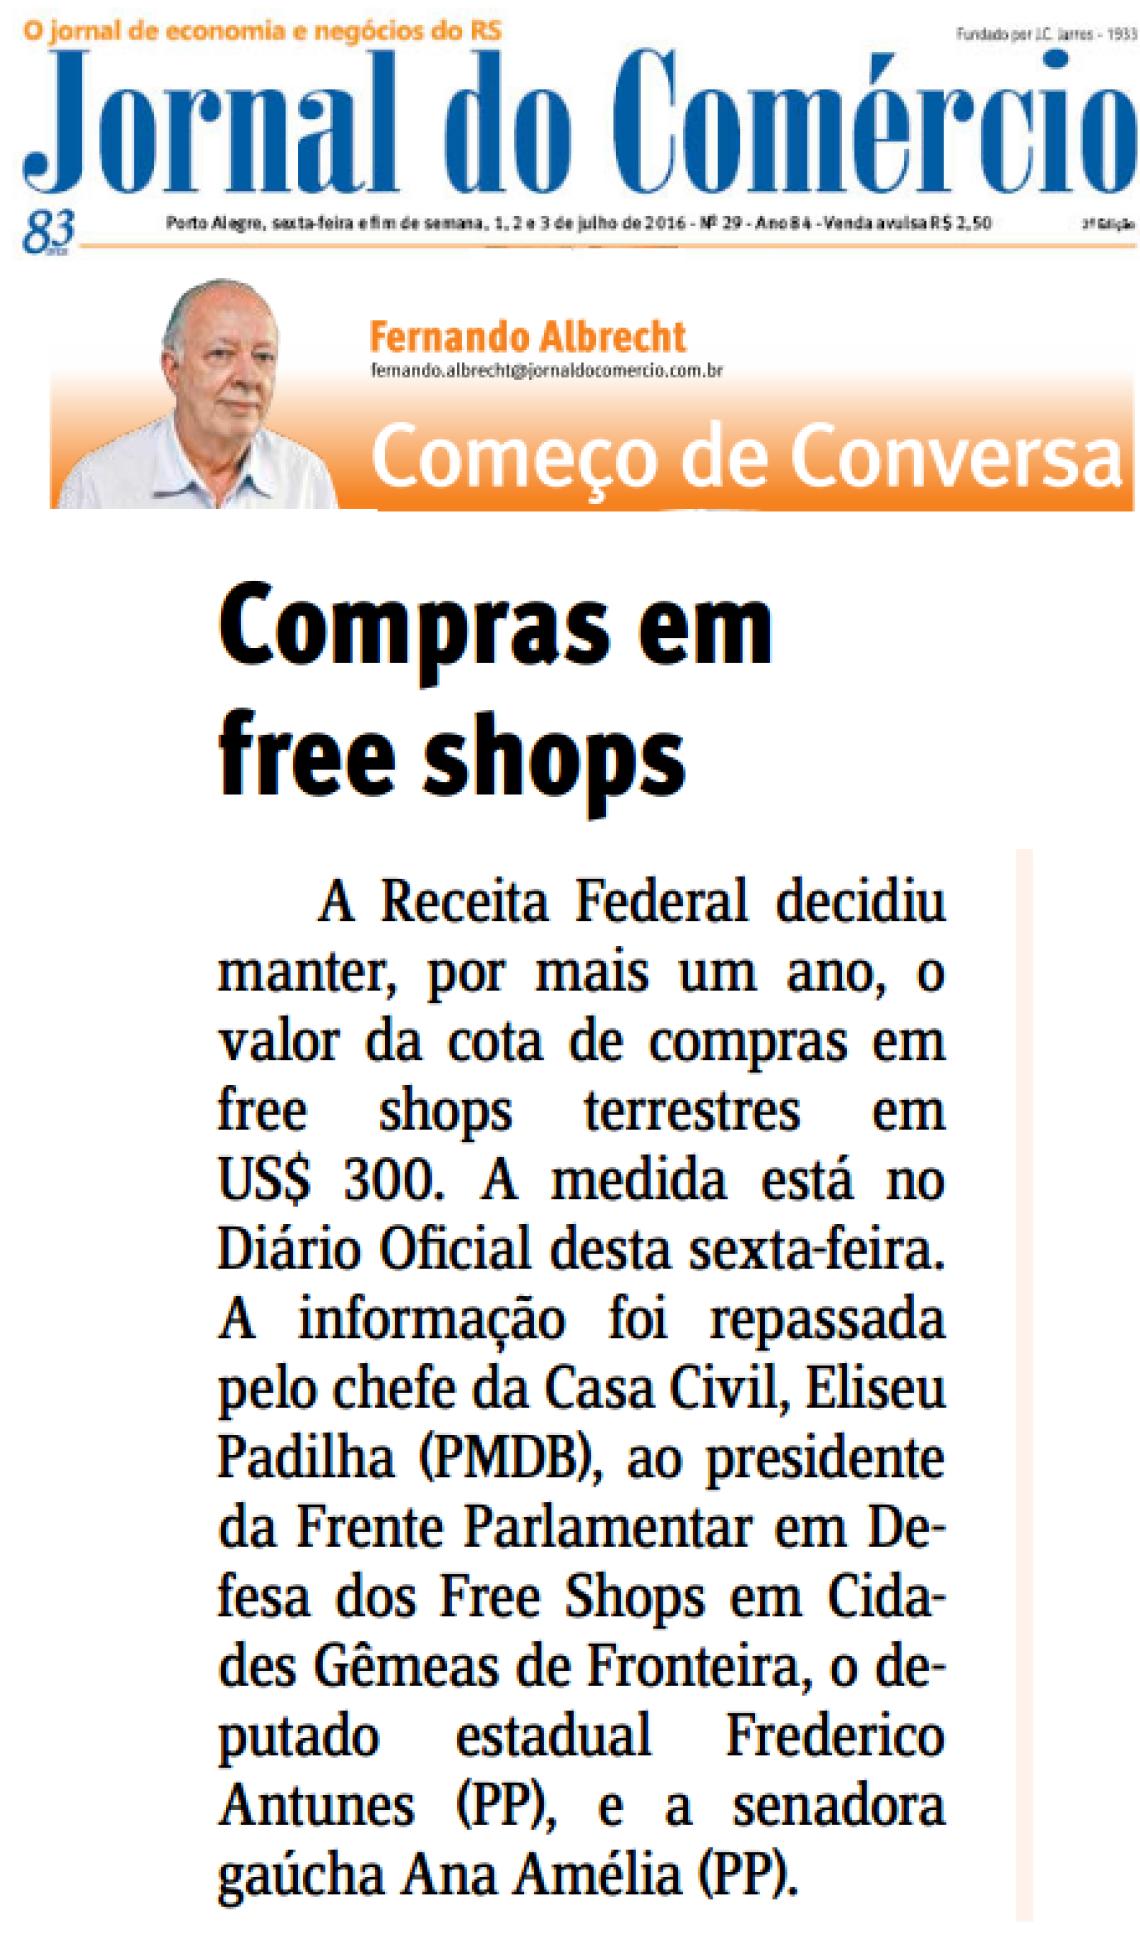 Jornal do Comércio: Fernando Albrecht - Compras em free shops